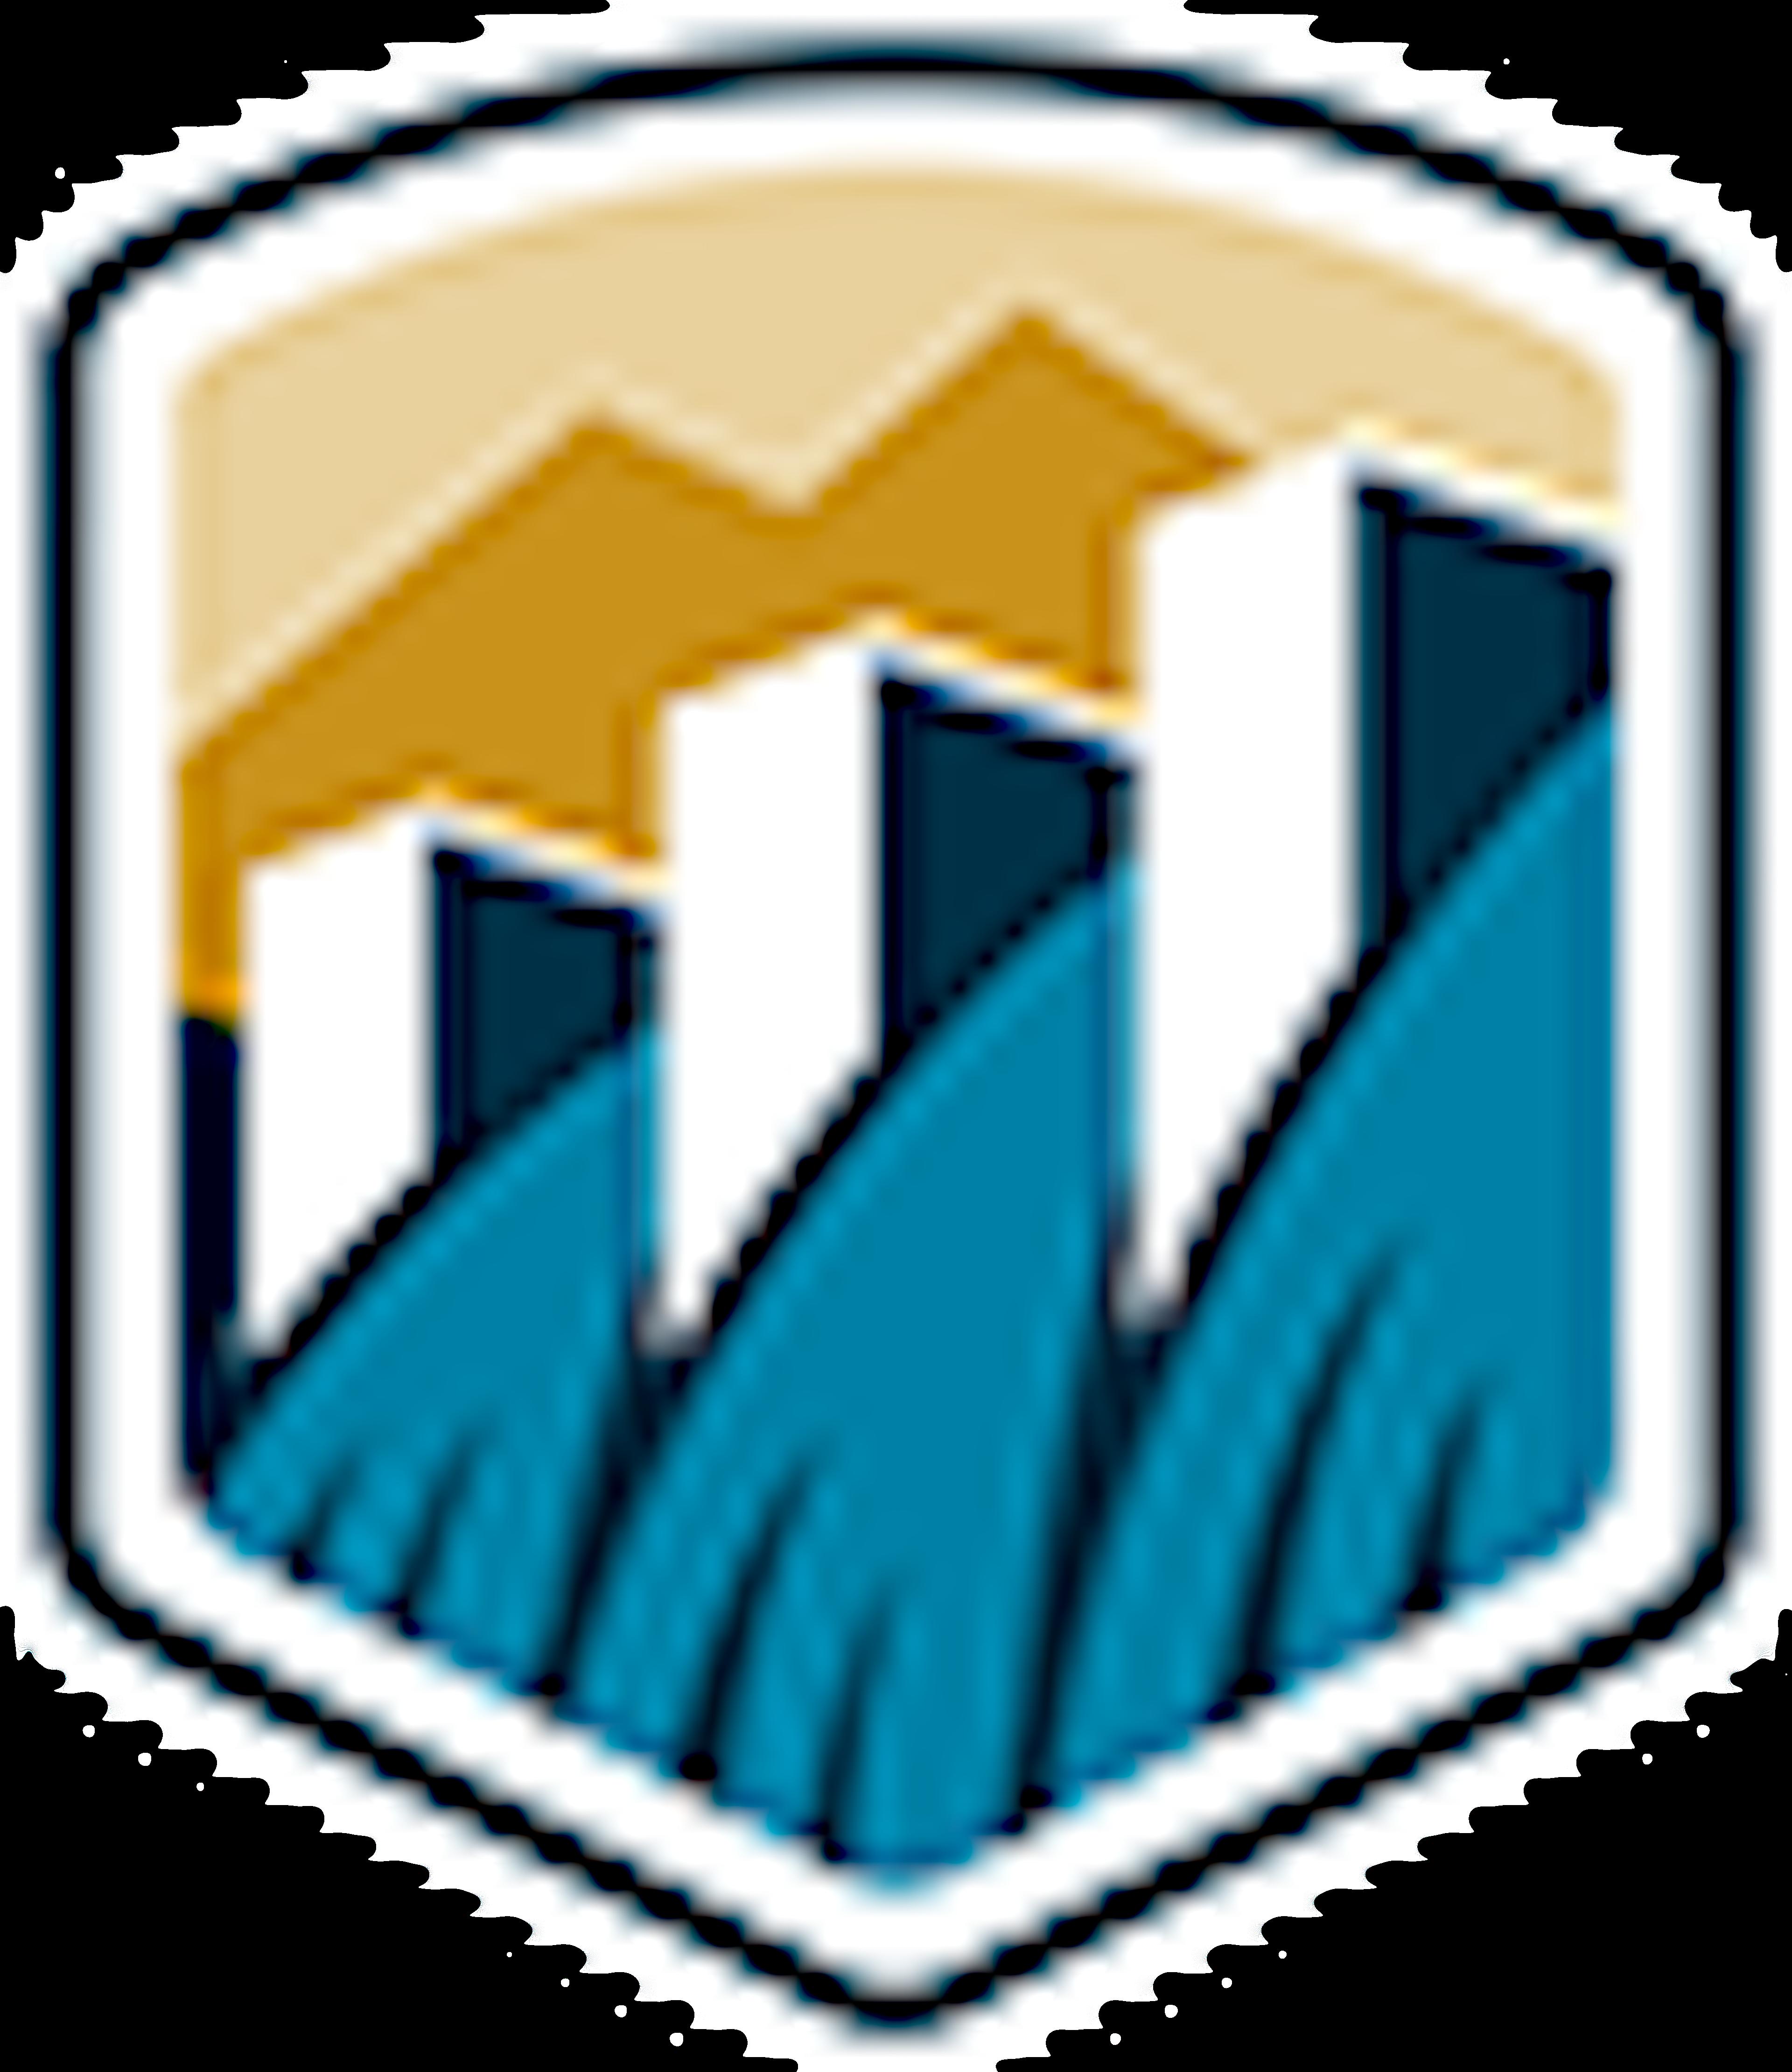 U.S. Department of the Interior, Bureau of Reclamation logo